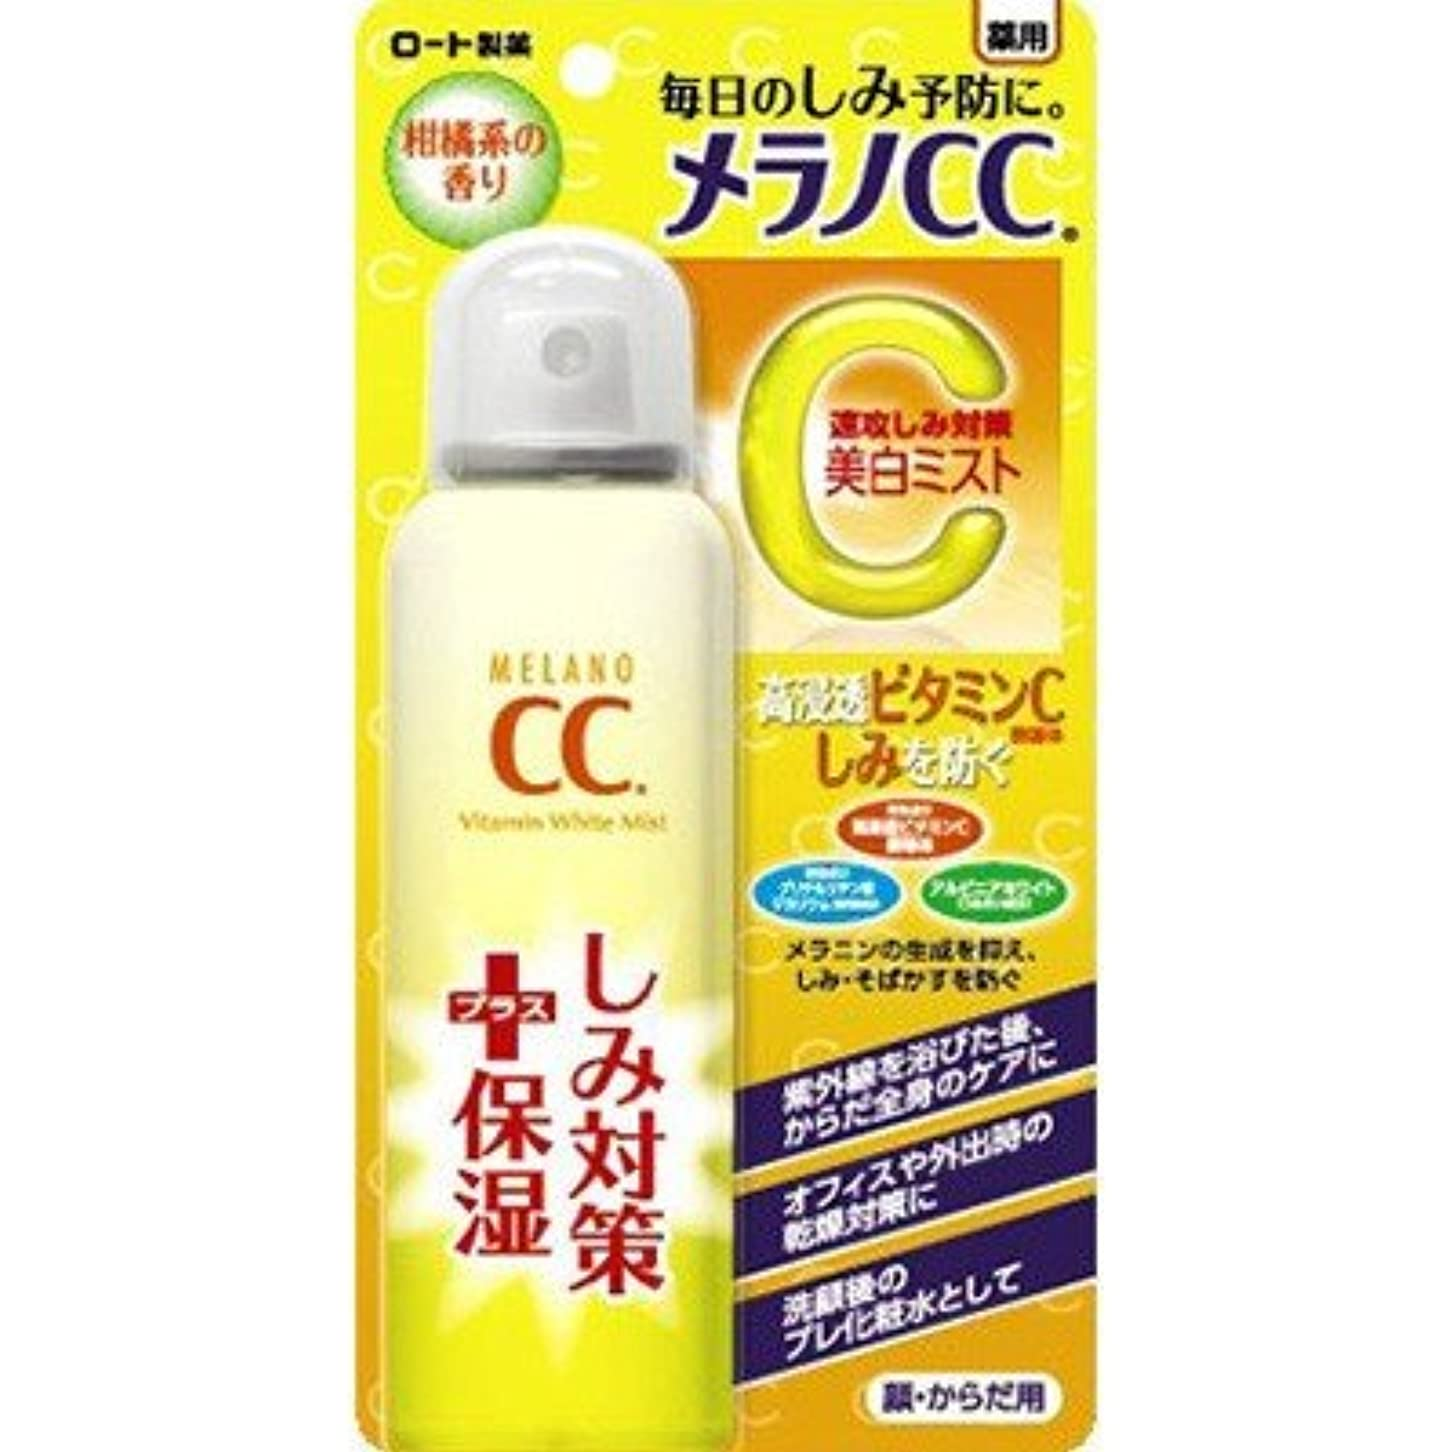 メラノCC 薬用 しみ対策 美白ミスト化粧水 100g [並行輸入品]